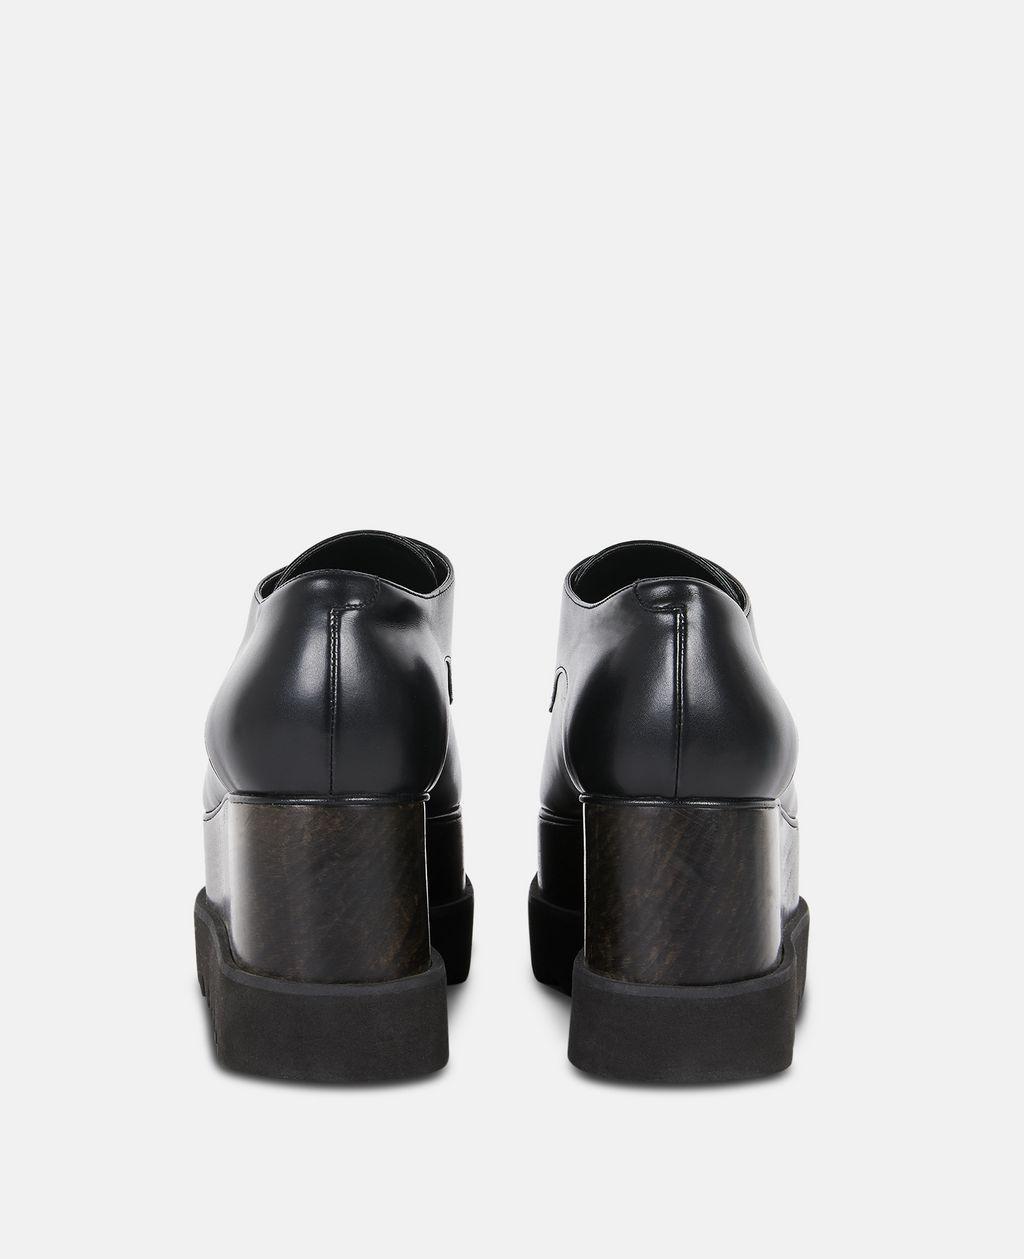 Chaussures Elyse entièrement noires - STELLA MCCARTNEY